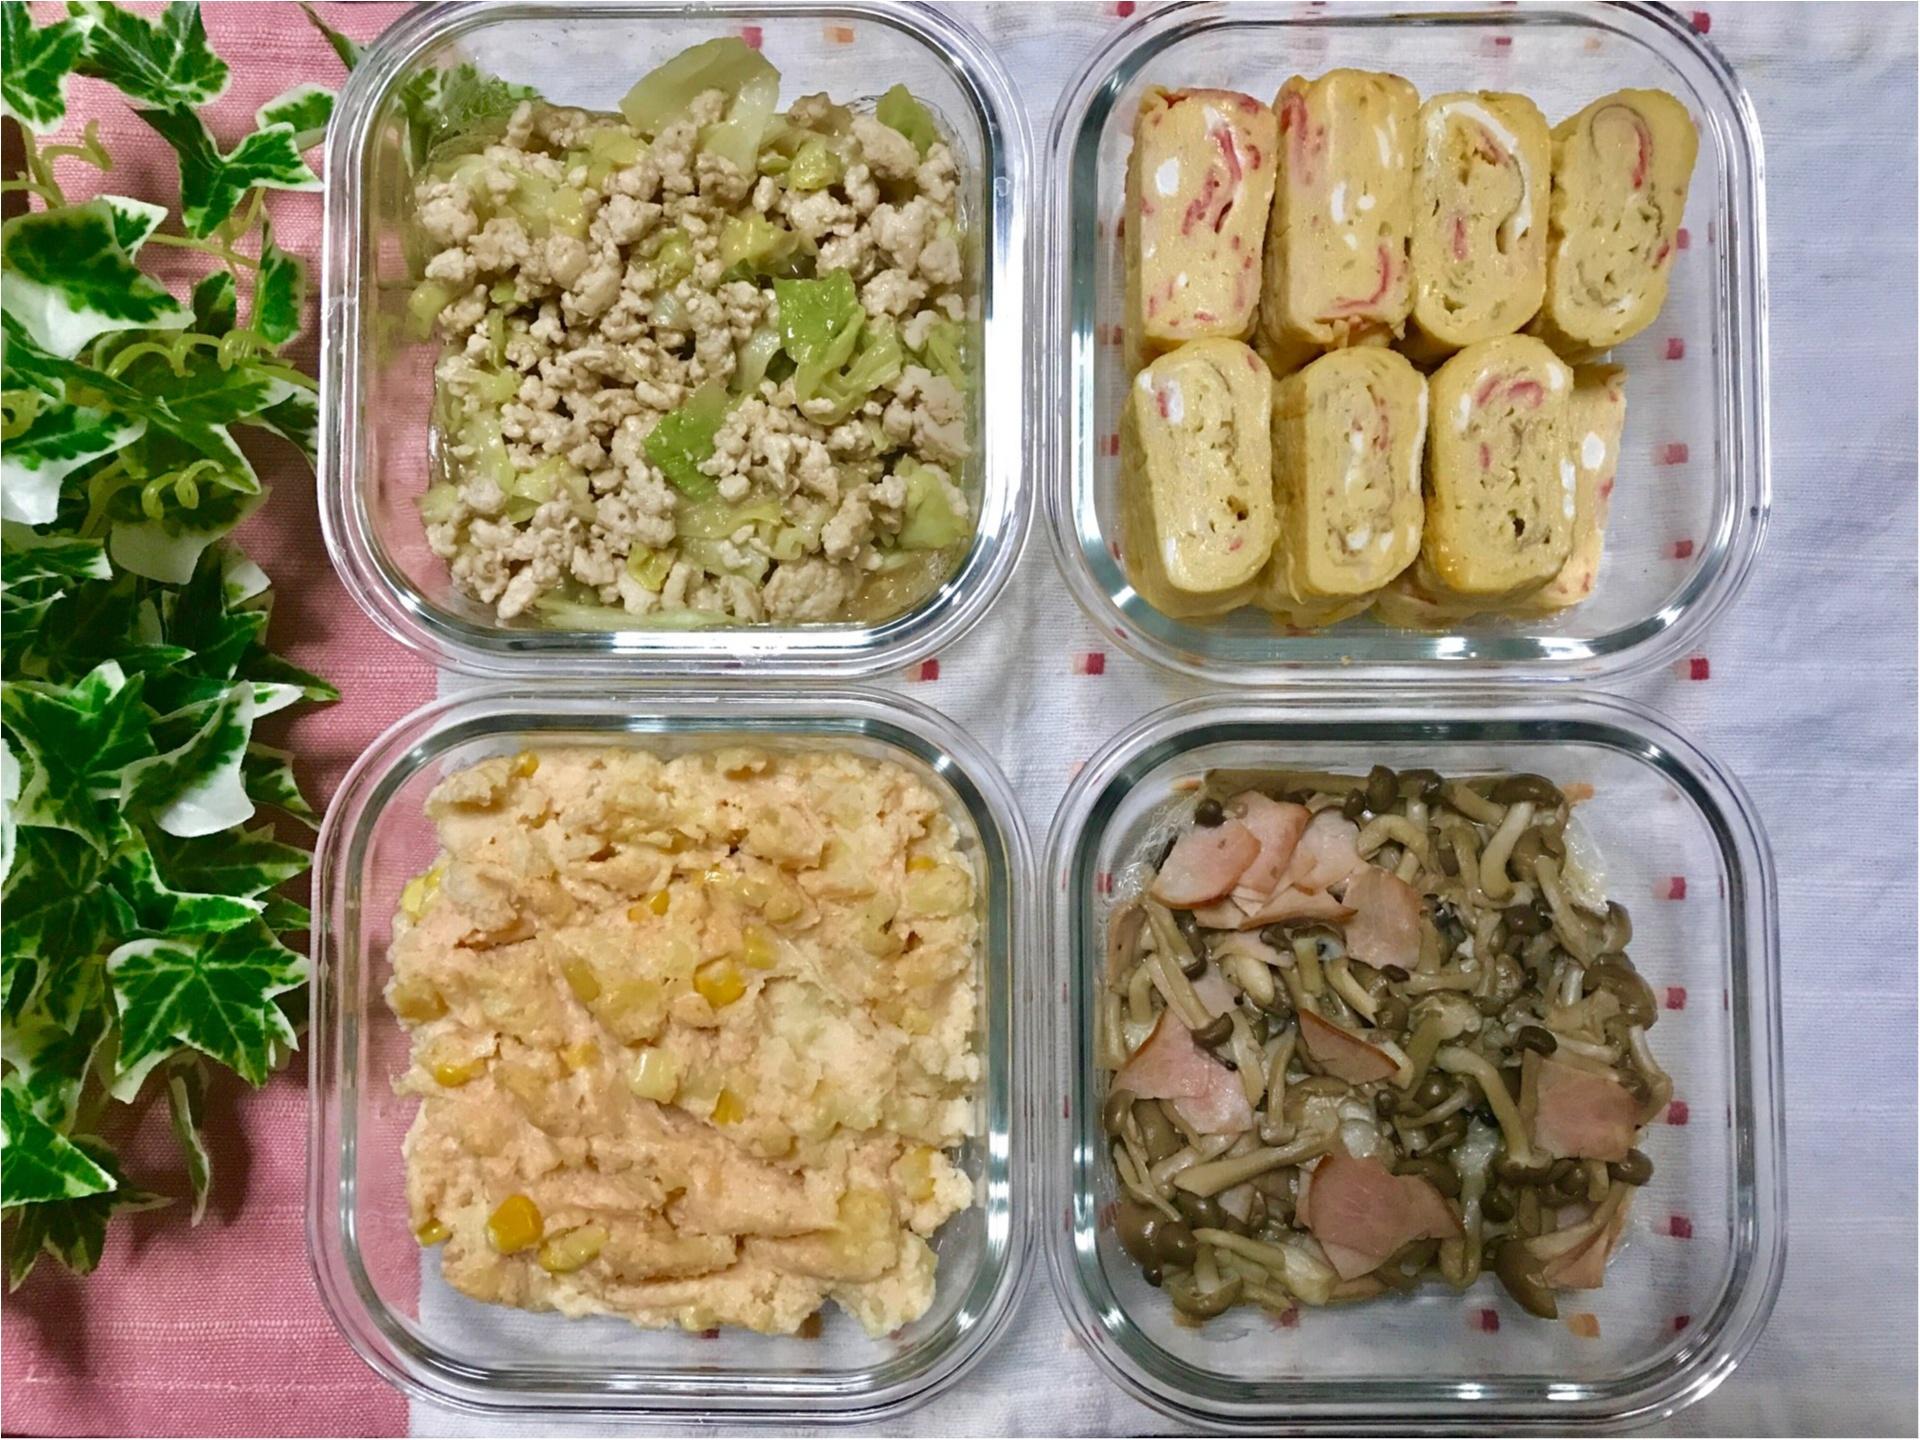 【作り置きおかず】慌ただしい朝に大助かり!お弁当用に常備したい、超簡単★常備菜レシピをご紹介♡♡無理なくお弁当生活を続けましょう♪♪〜第11弾〜_1